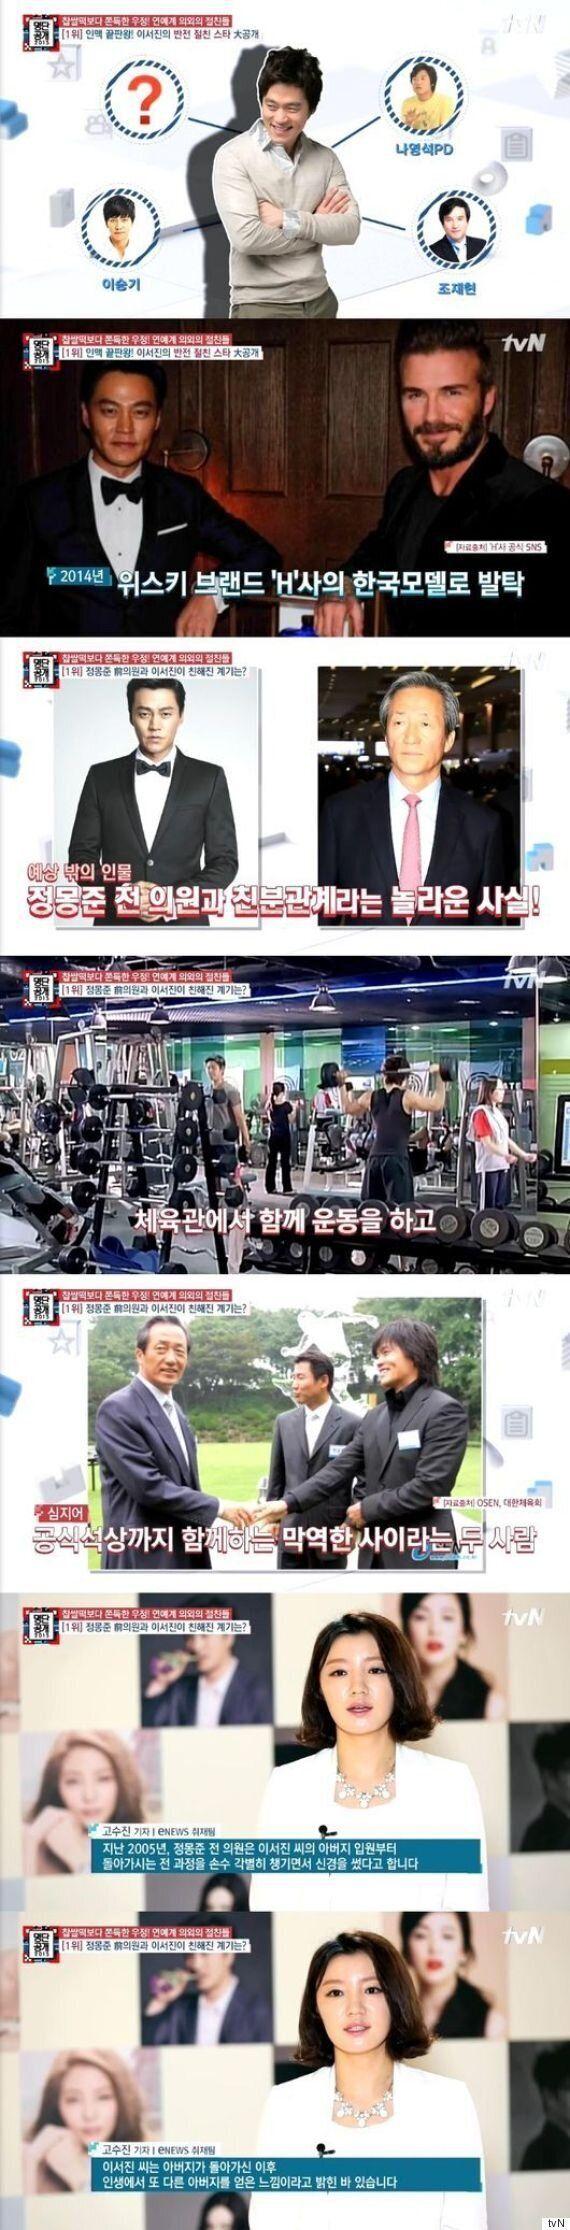 '명단공개' 이서진, 데이비드 베컴·정몽준과 절친